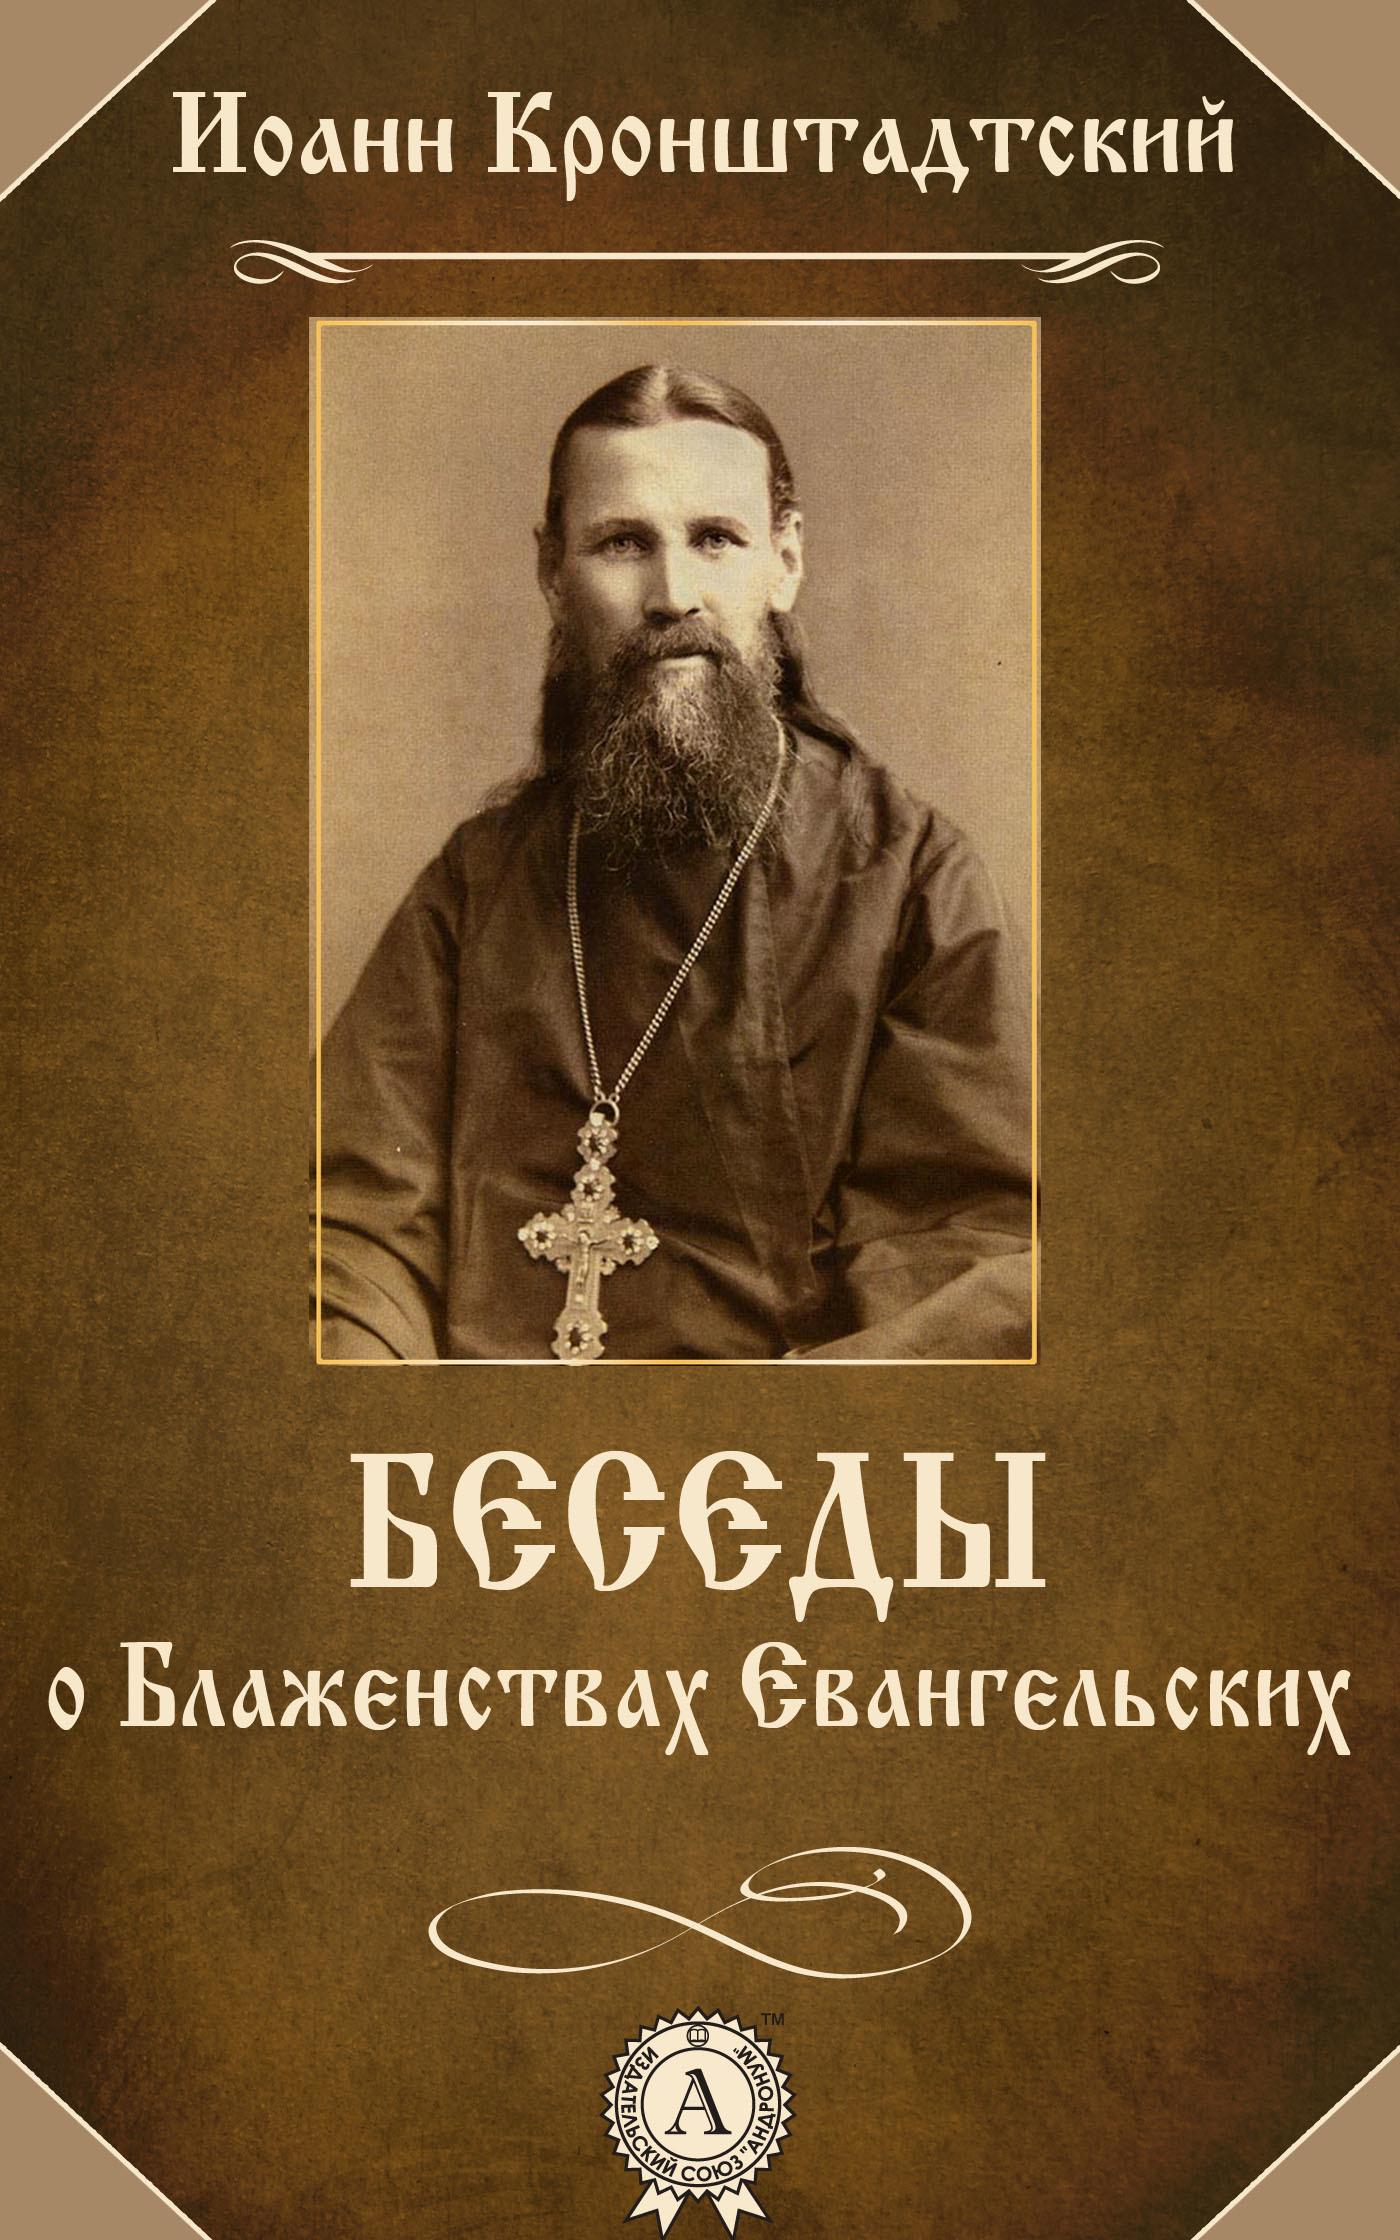 Иоанн Праведный Кронштадтский